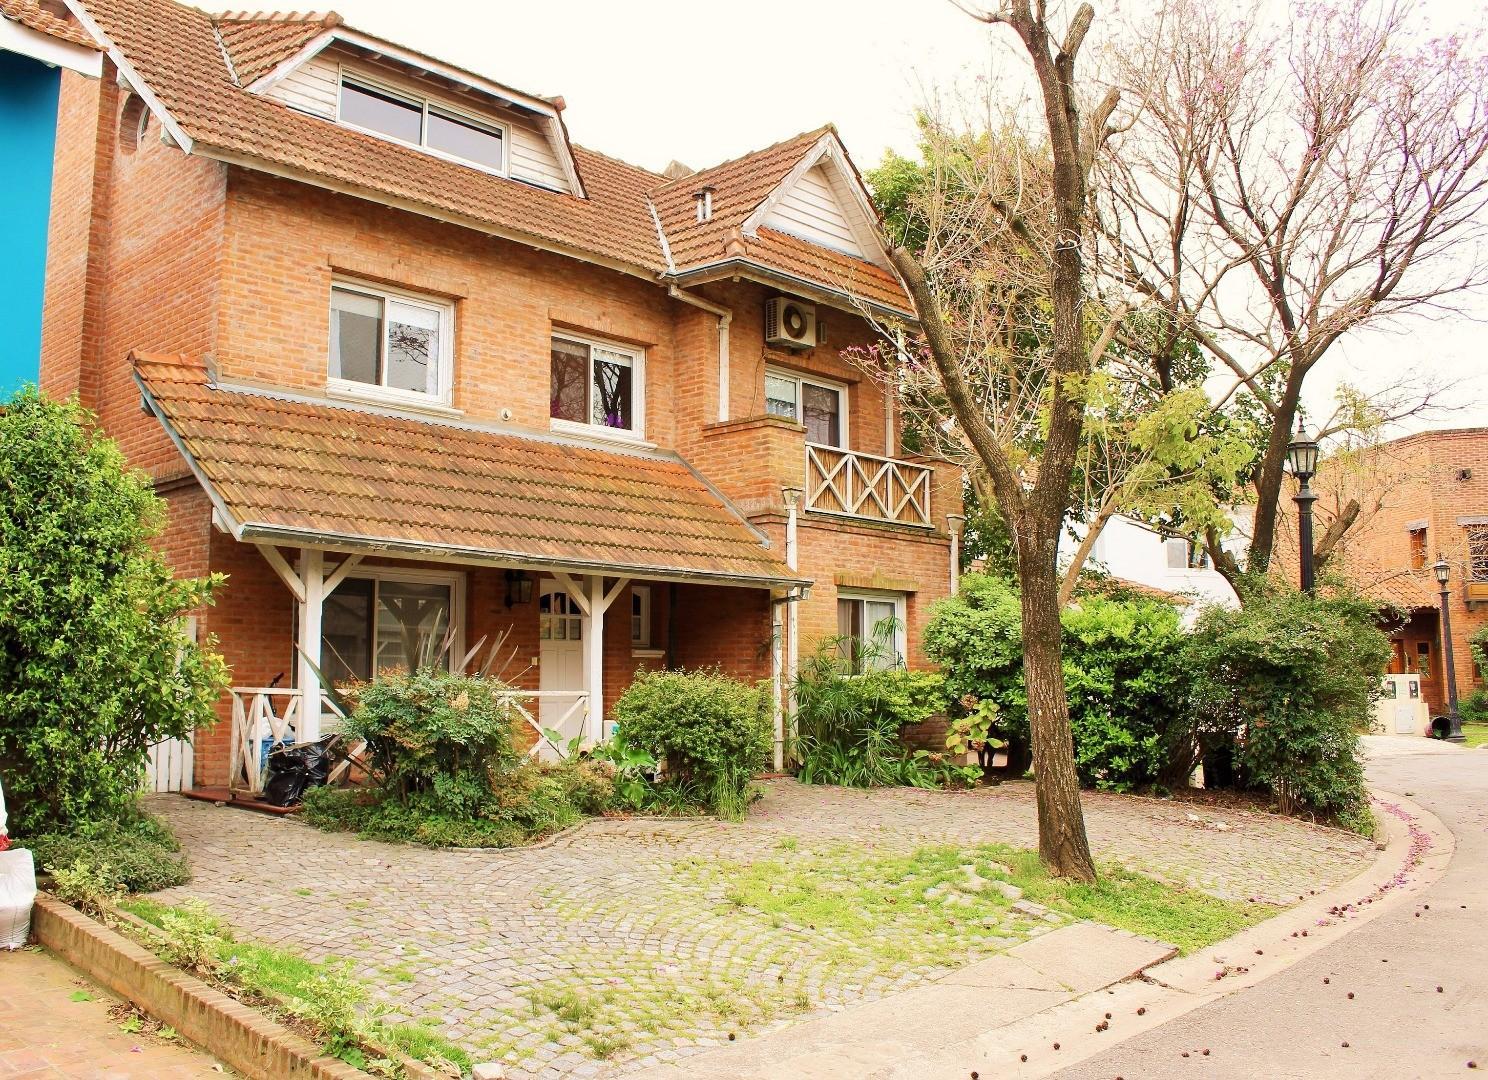 Casa en Venta Barrio Los Faroles, 4 Dormitorios, La Merced, Beccar, San Isidro